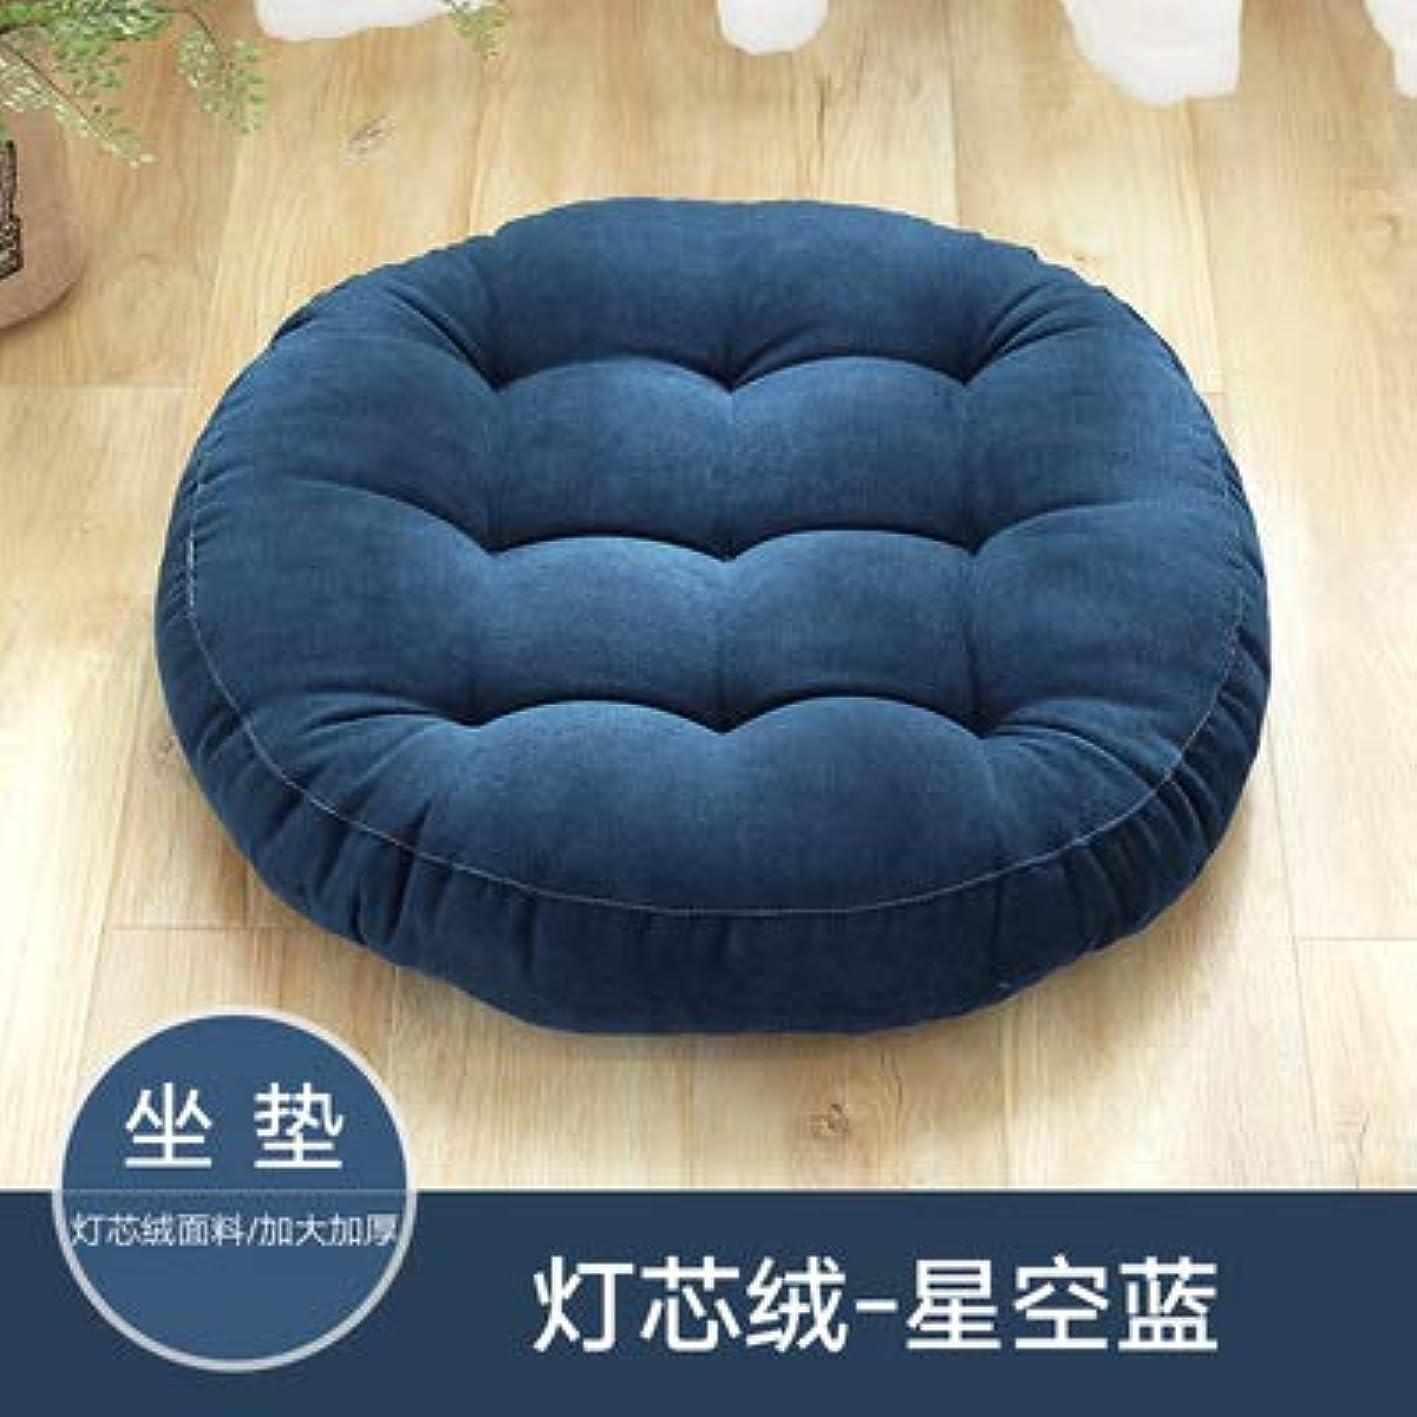 水星外部どうやってLIFE ラウンド厚い椅子のクッションフロアマットレスシートパッドソフトホームオフィスチェアクッションマットソフトスロー枕最高品質の床クッション クッション 椅子